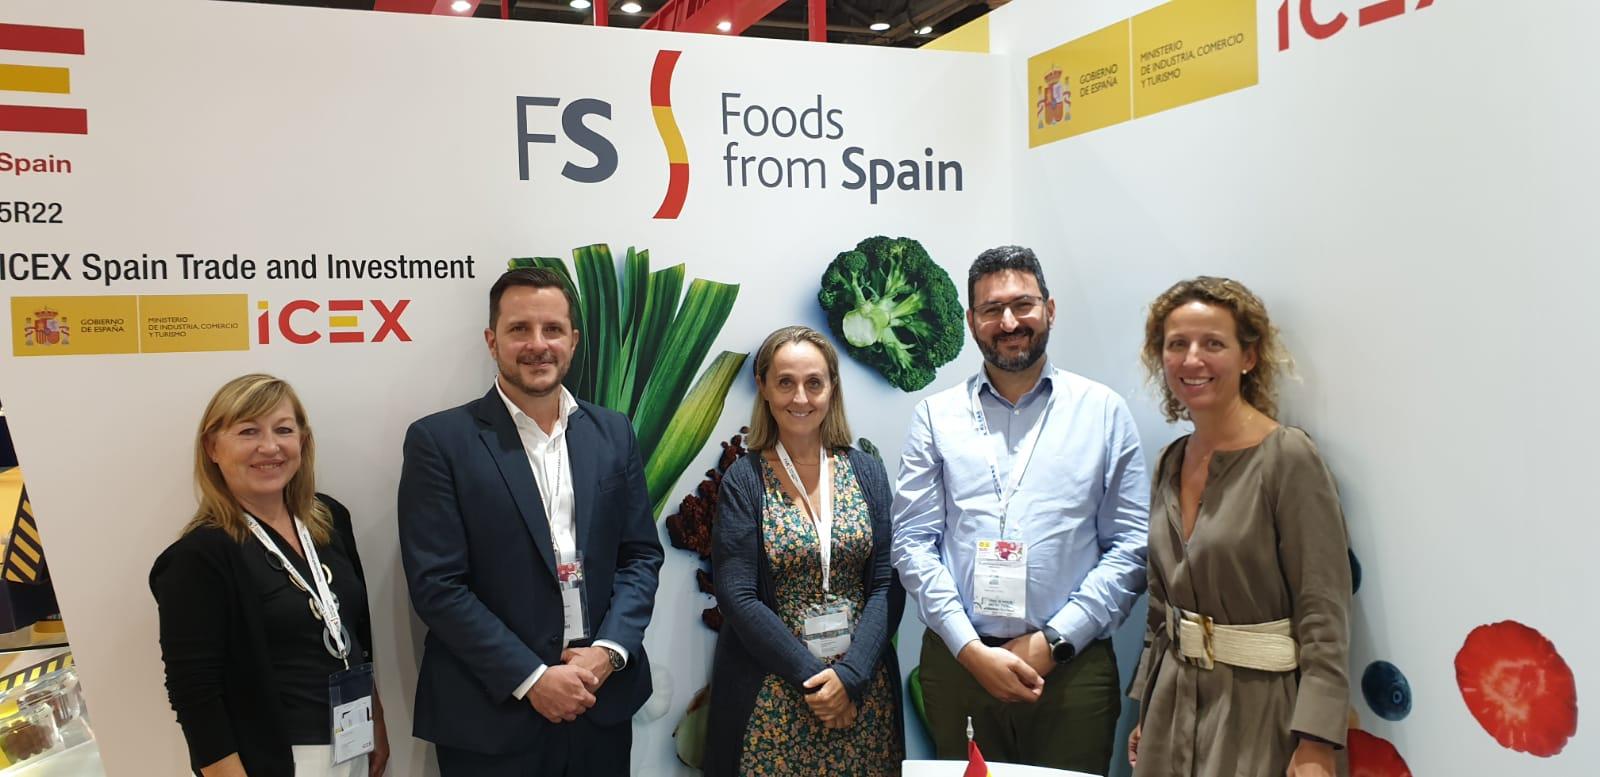 La Conselleria de Agricultura apoya a las empresas valencianas en su apuesta por introducirse en el mercado asiático